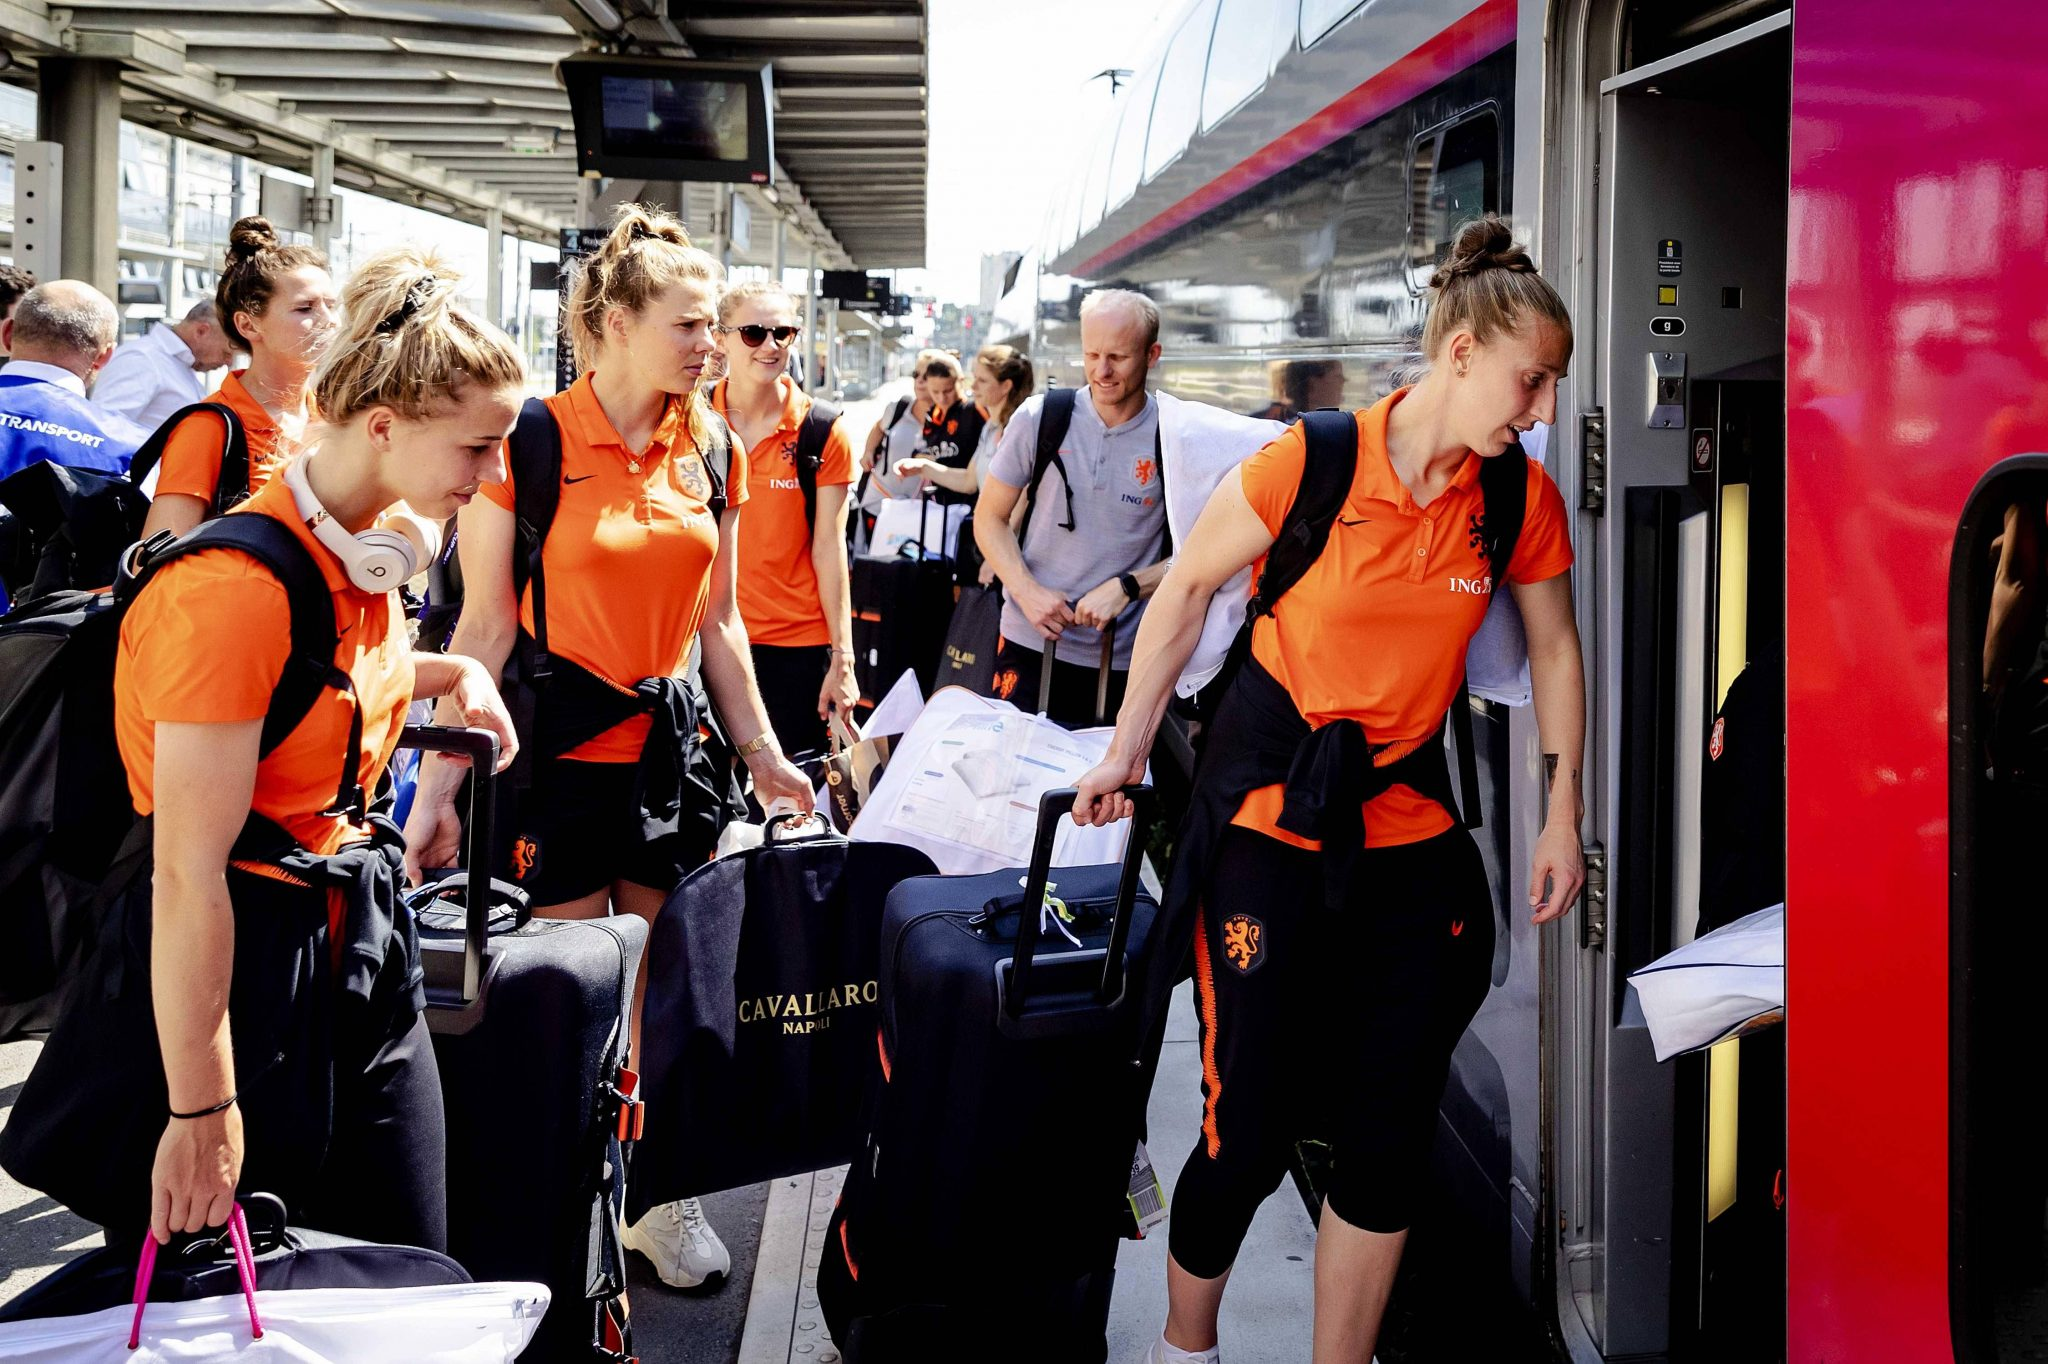 Leeuwinnen met de sneltrein naar kwartfinale, tsjoeke tsjoeke tuut (foto's) | Sportnieuws - Sportnieuws.nl